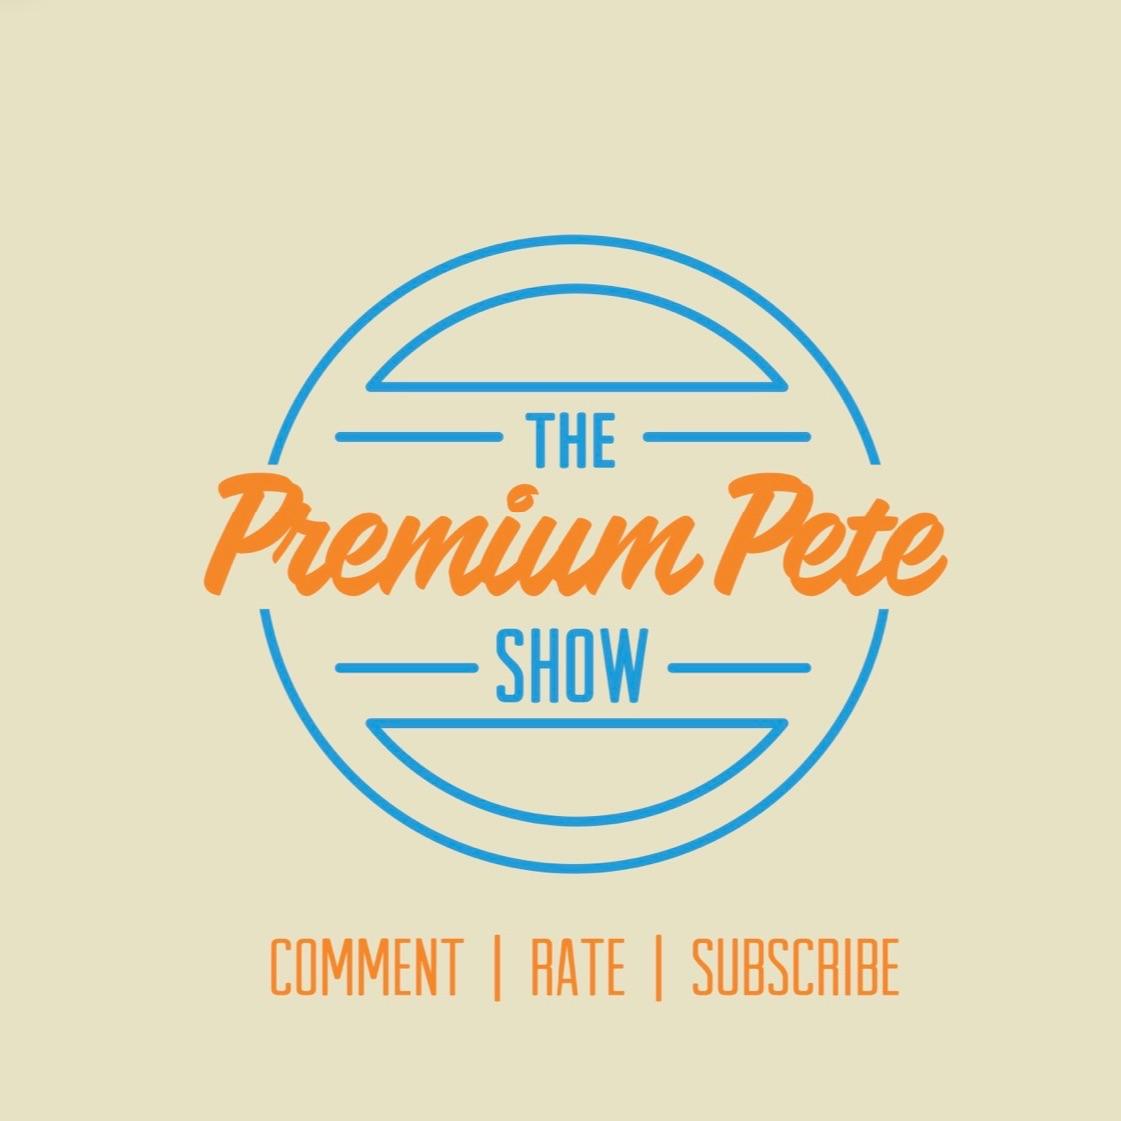 The Premium Pete Show   Himalaya